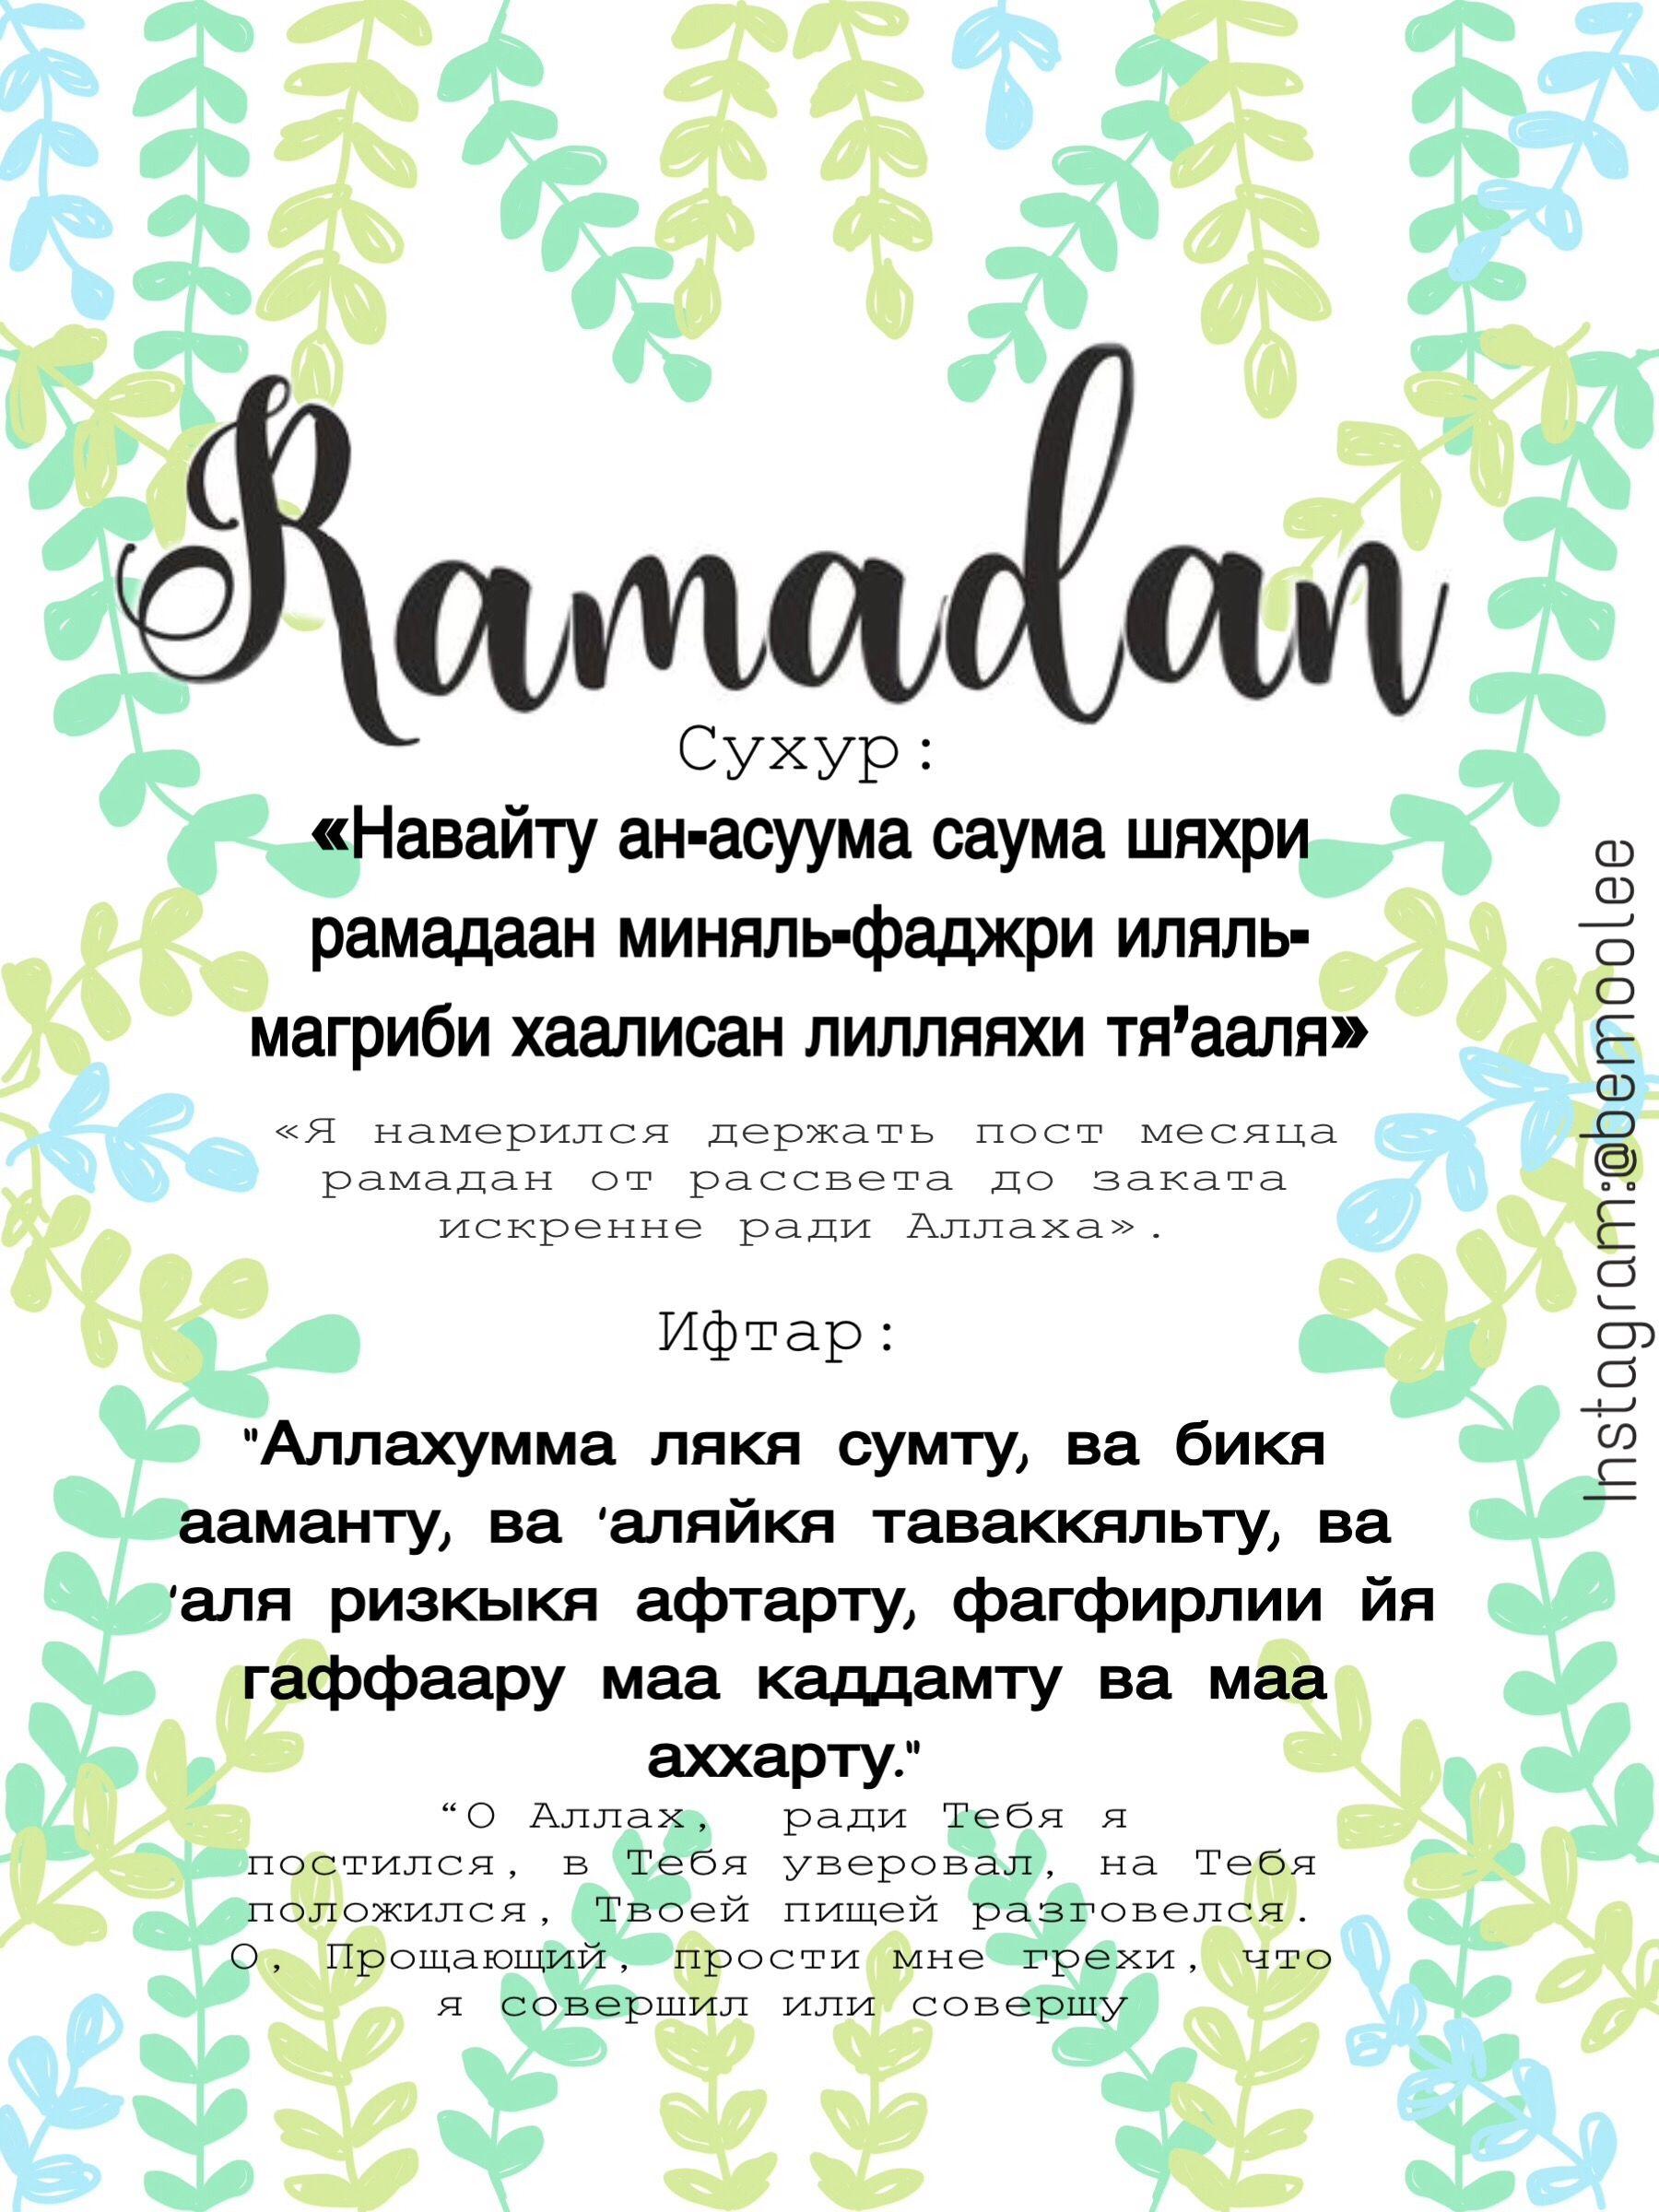 Dua Dlya Suhura I Iftara Ramadan 2018 Ramadan Ramadan Duhovnye Citaty Vdohnovlyayushie Frazy